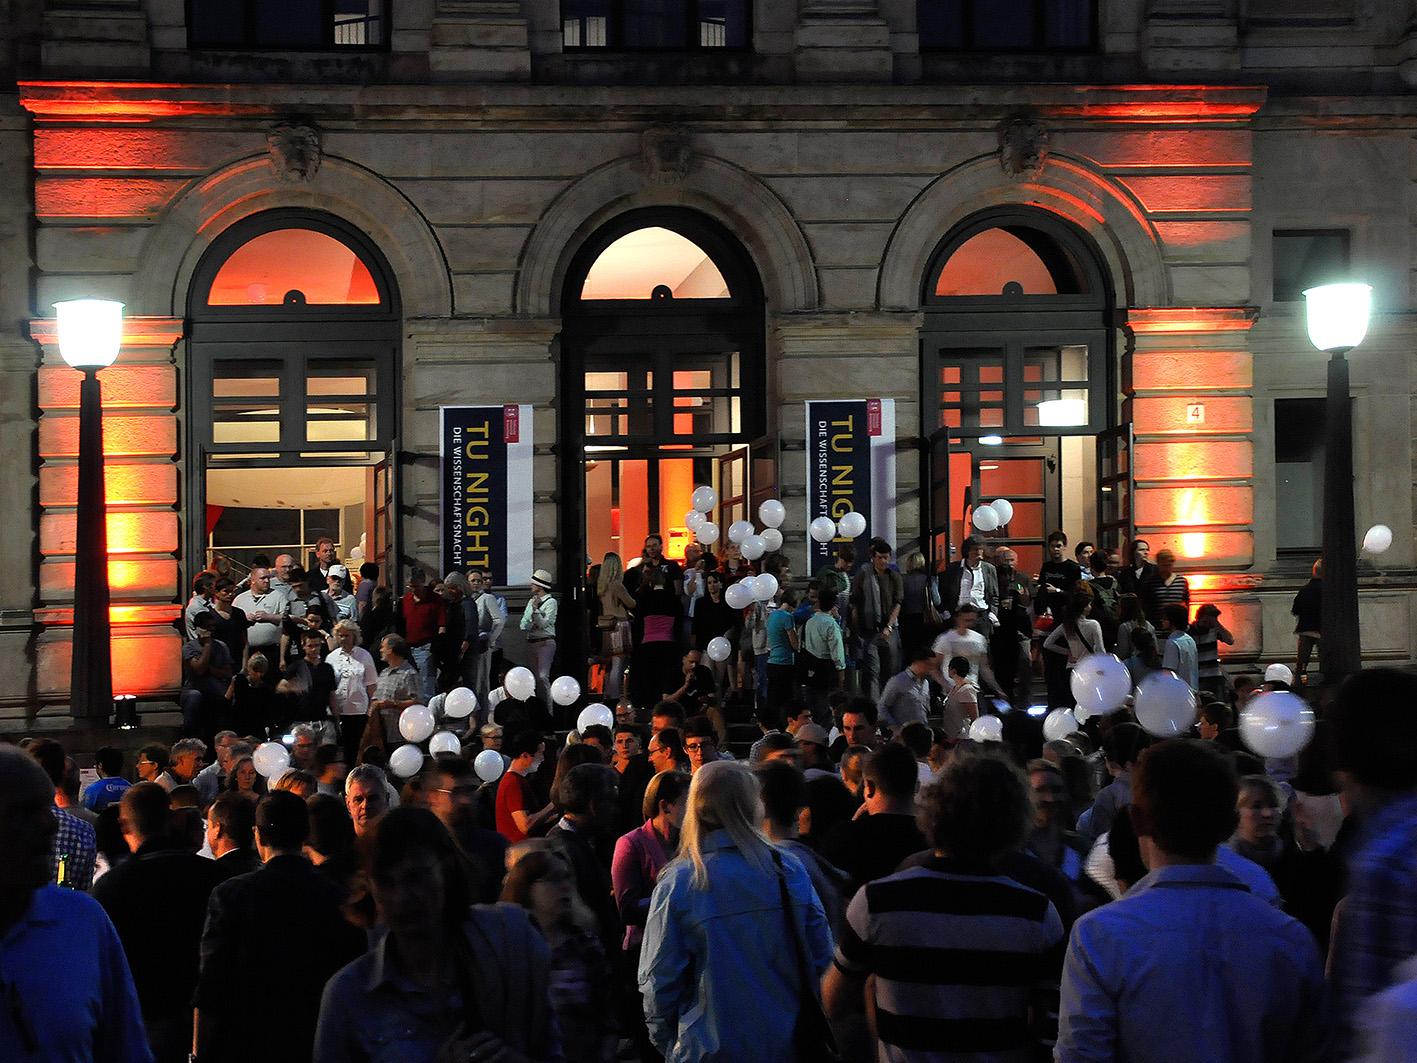 Auf der TU-NIGHT 2013 schnupperten die Besucher Wissenschaftsluft auf dem Campus. Bildnachweis: TU Braunschweig